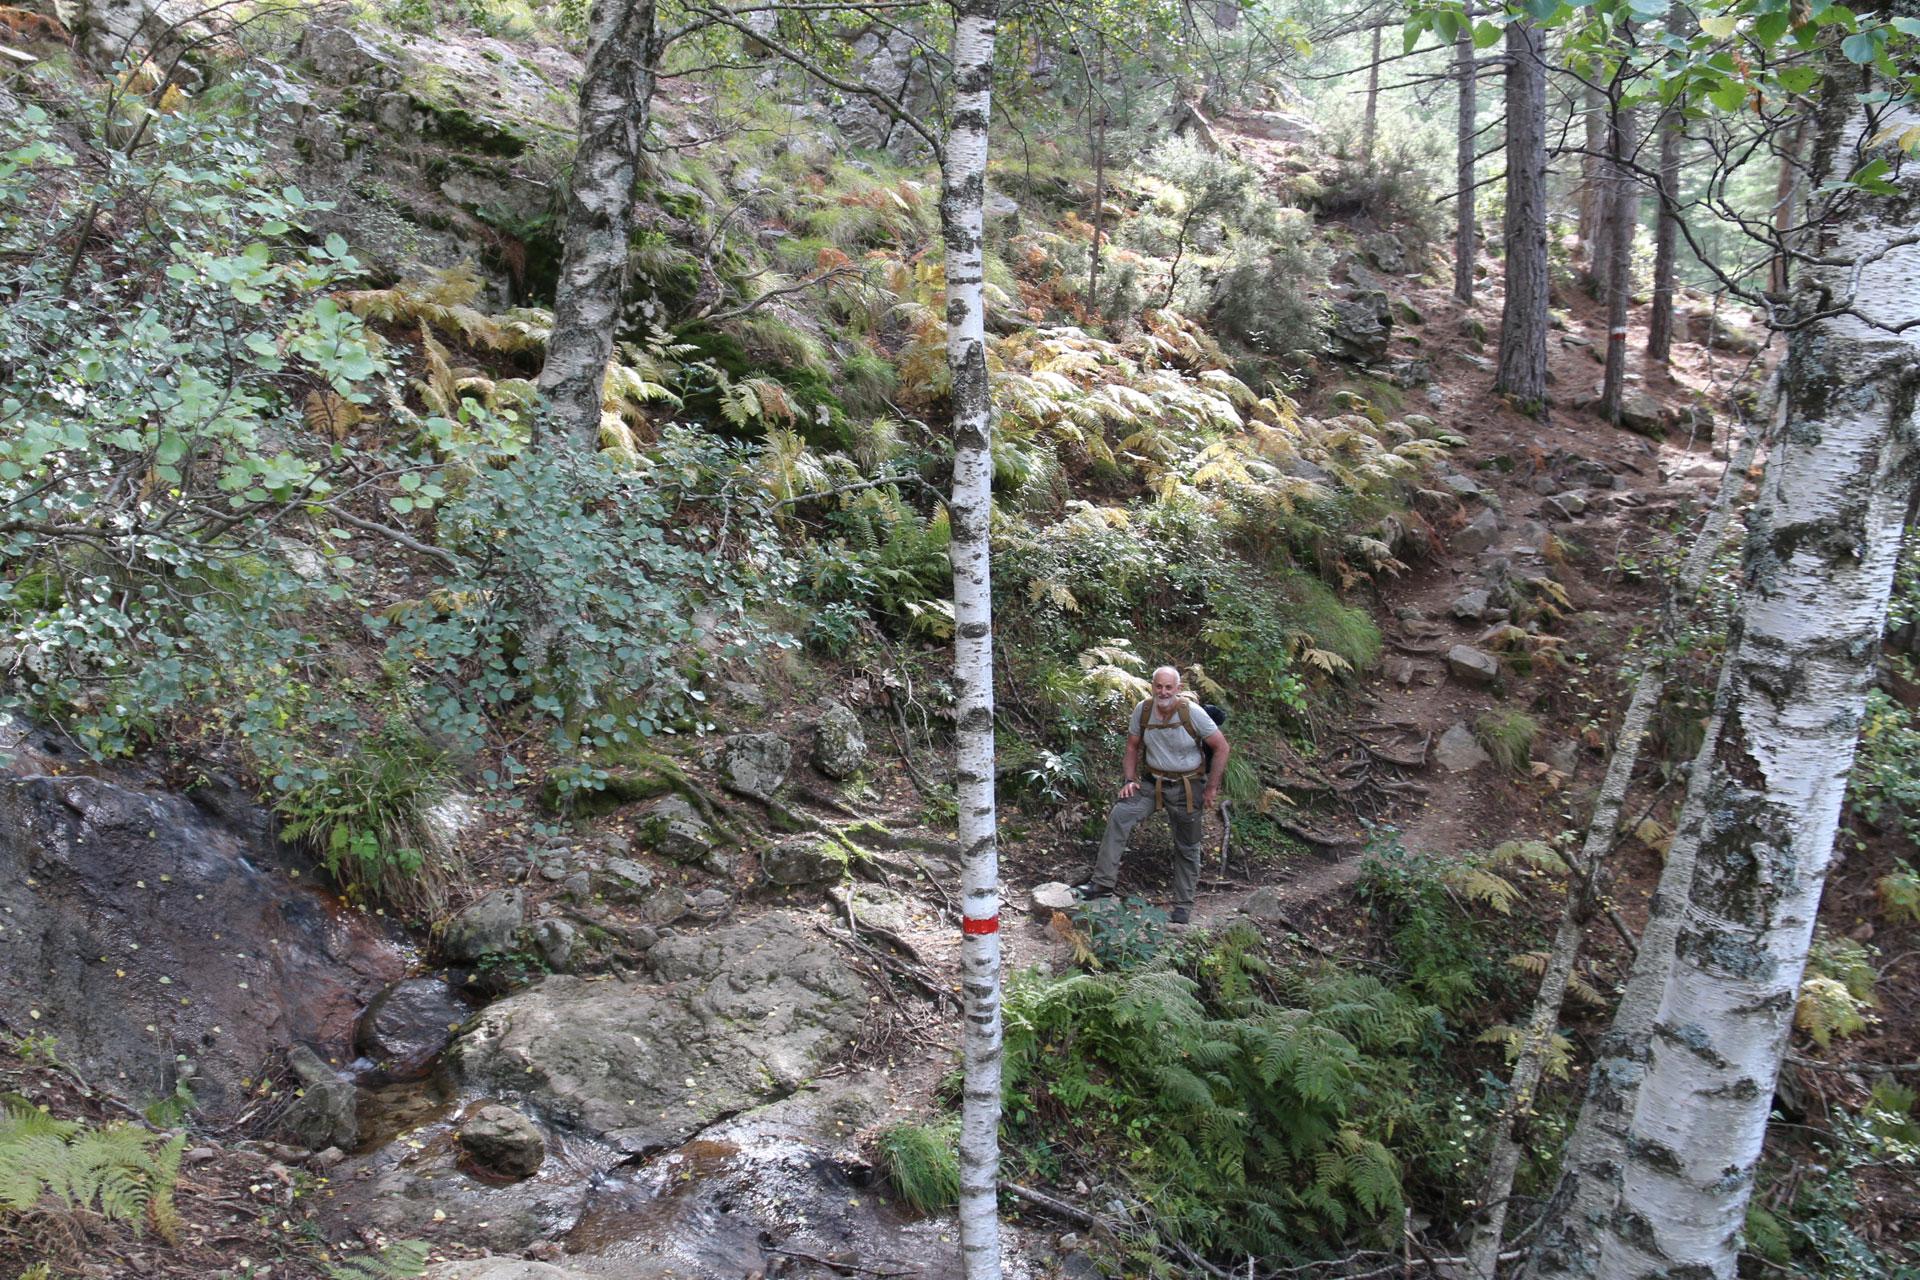 Abenteuerliches Korsika offroad mit Piskorz & Piskorz 7